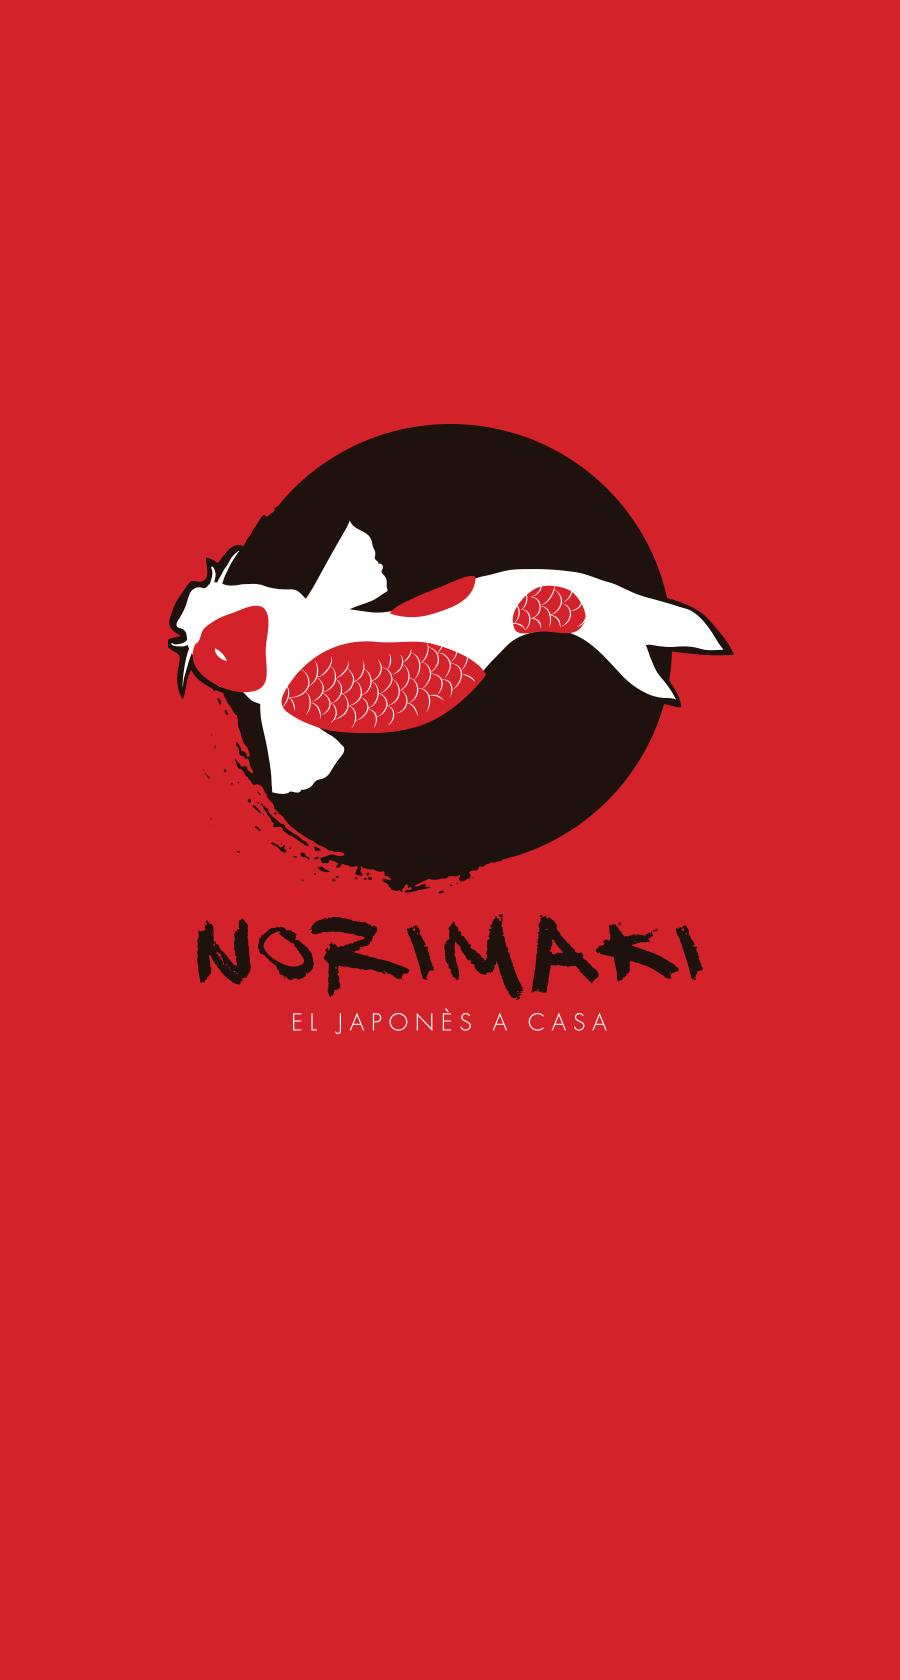 diseno logotipo imagen corporativa norimaki vertical inicio21